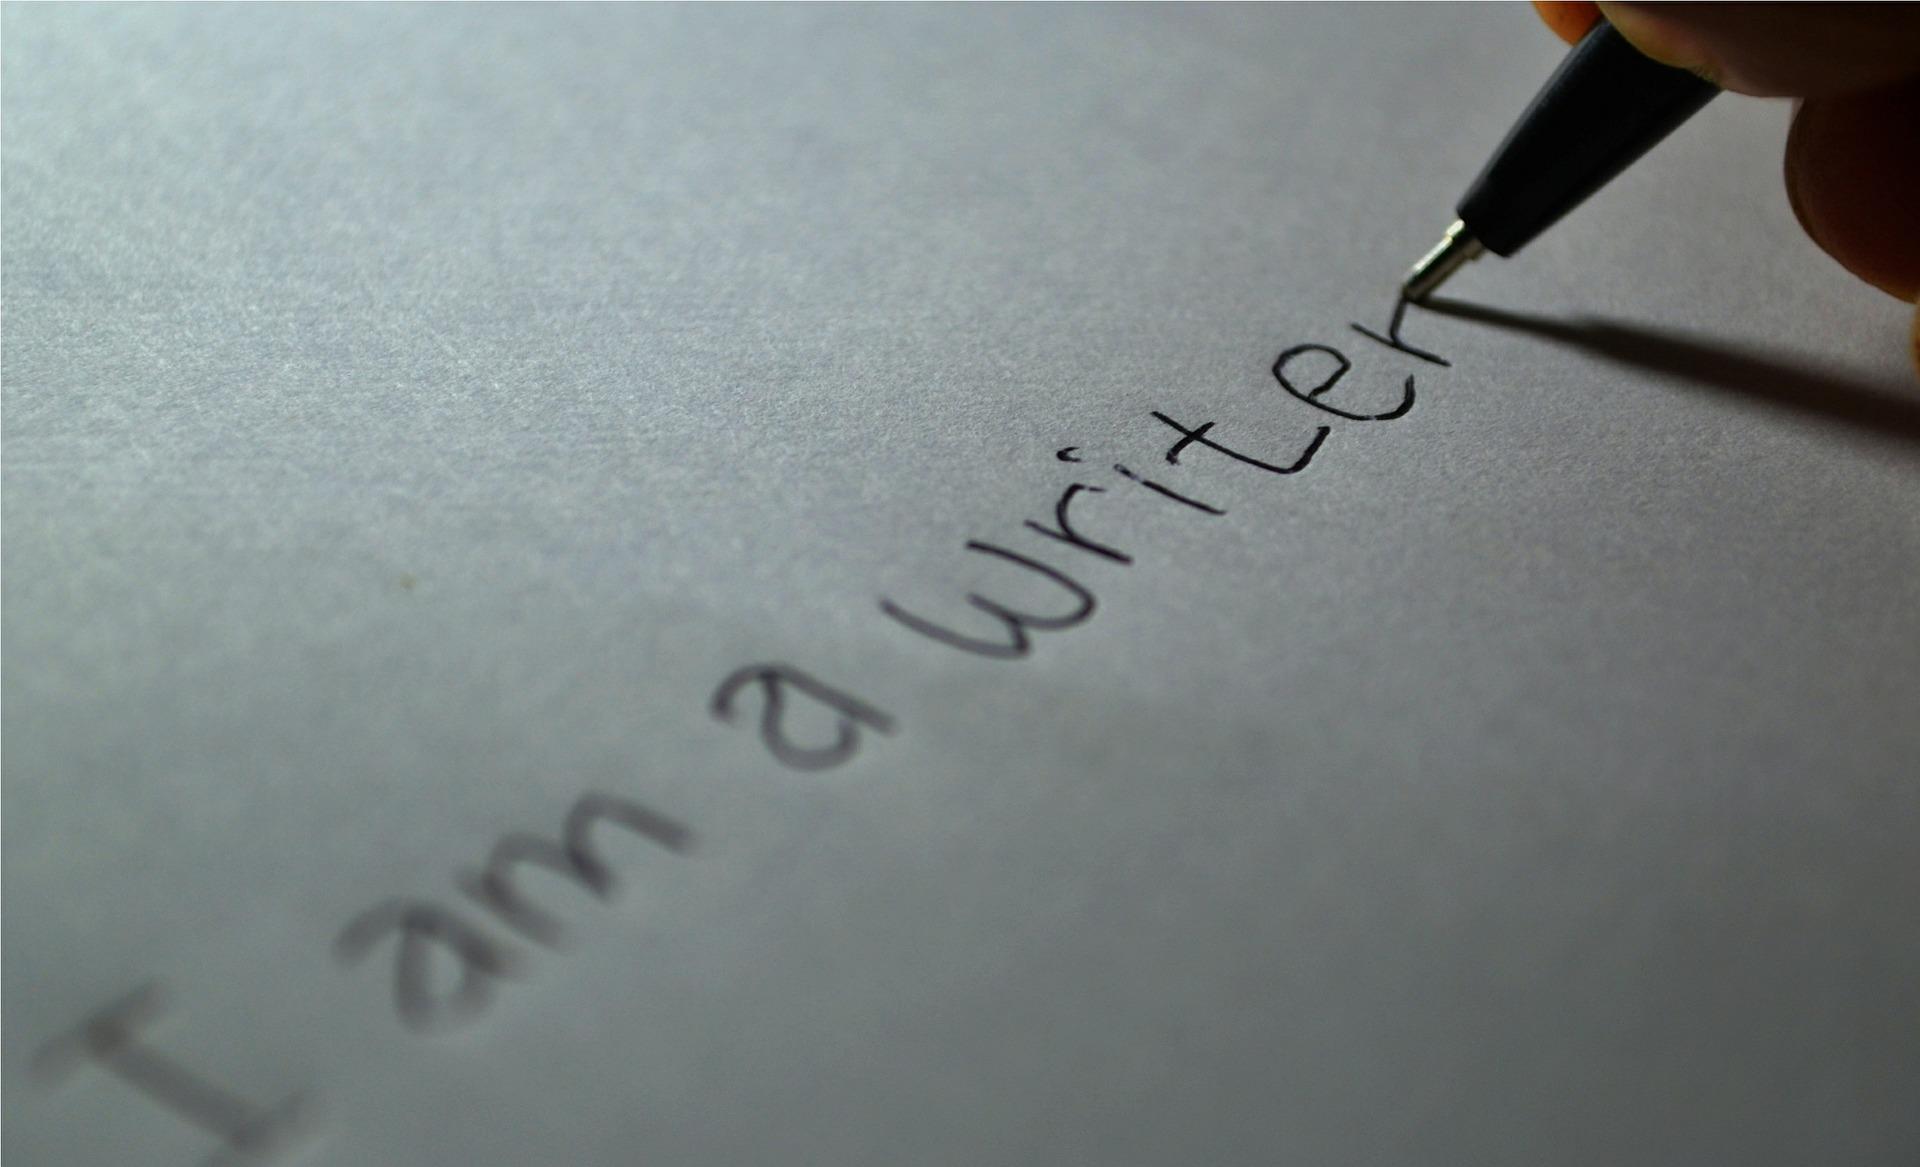 コピーライターが文章を書くことを仕事にしてはいけない理由とは?